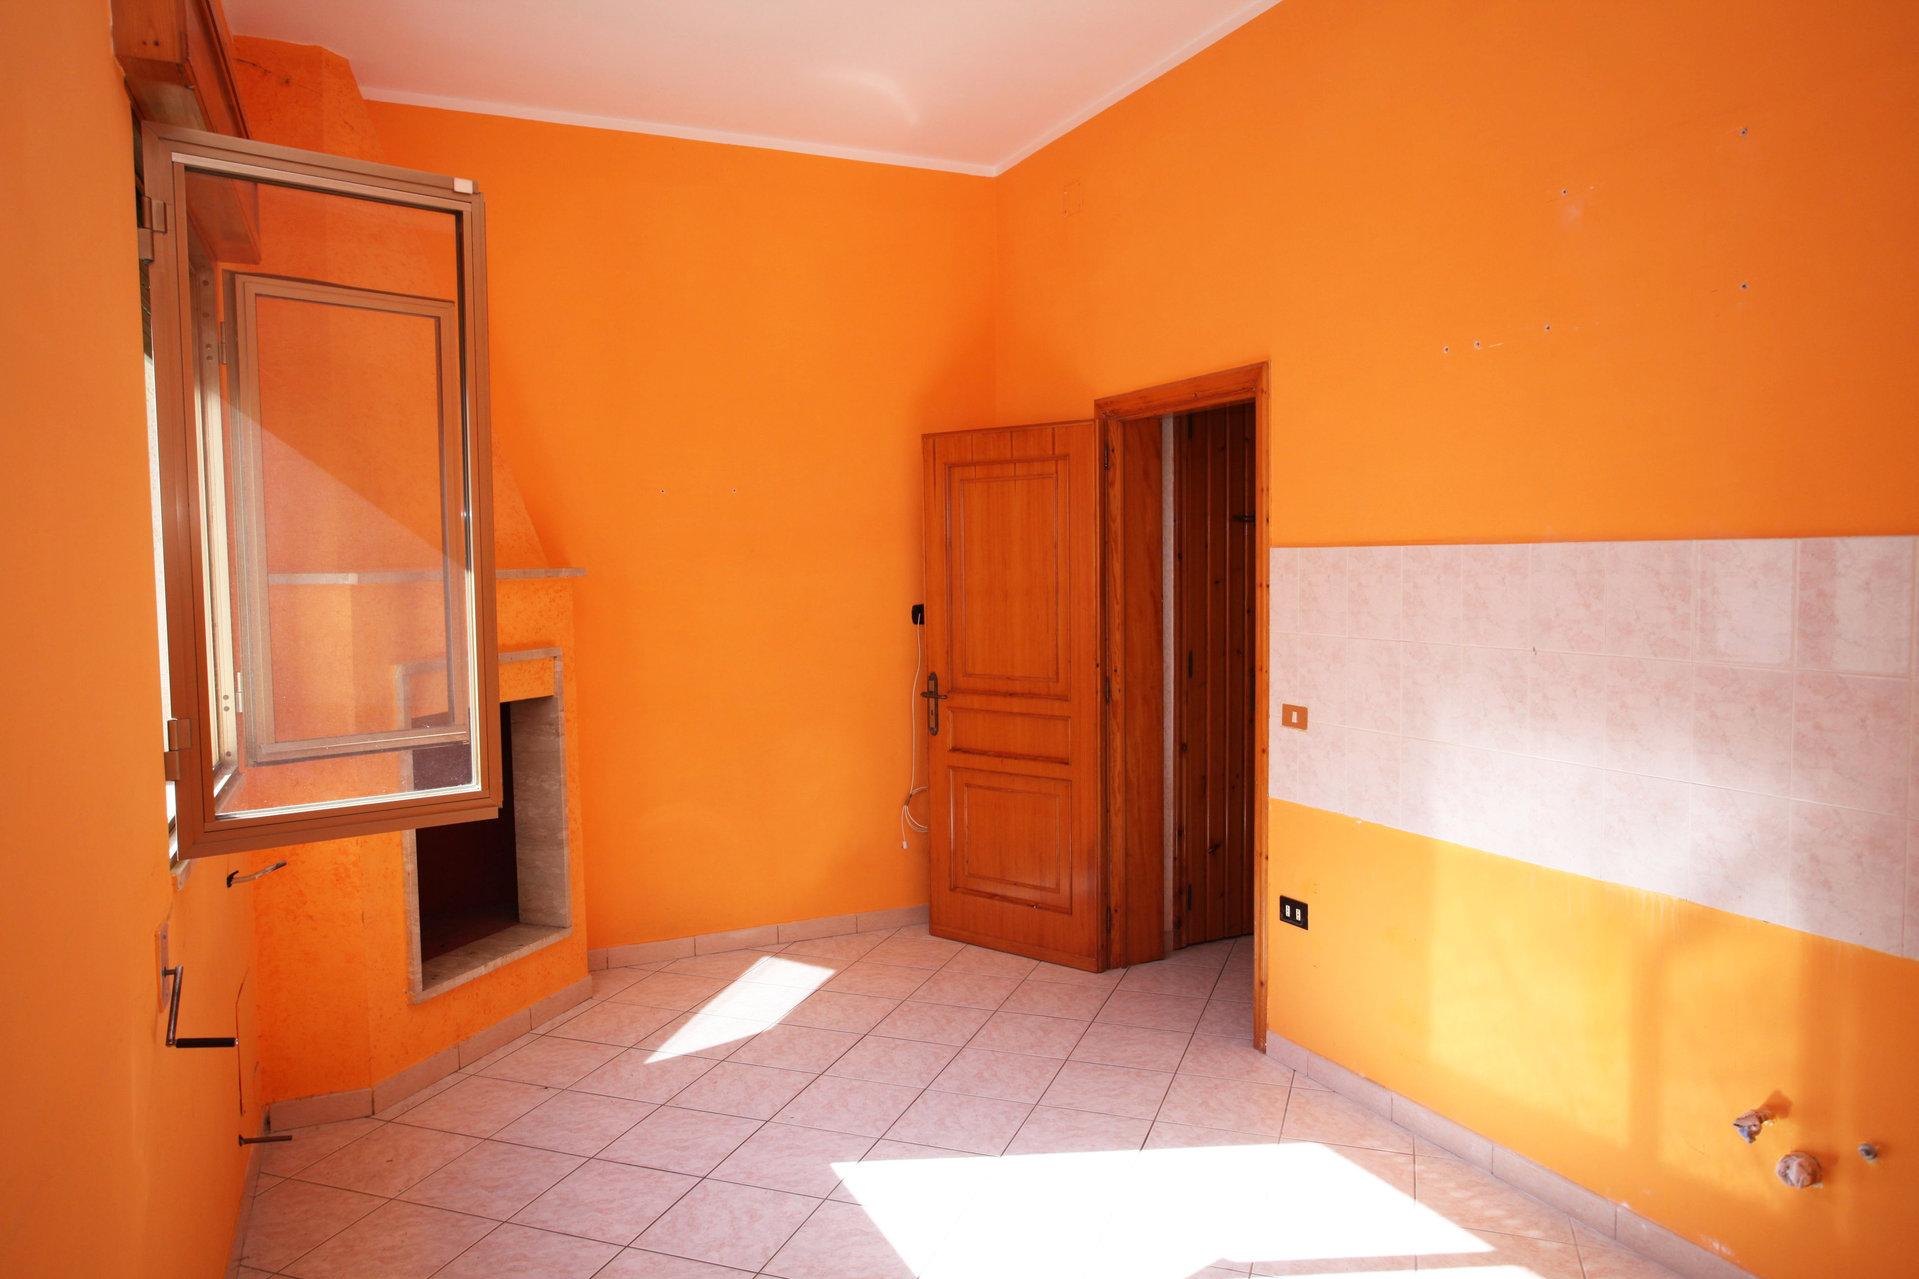 Verkauf Wohnung - Oria - Italien